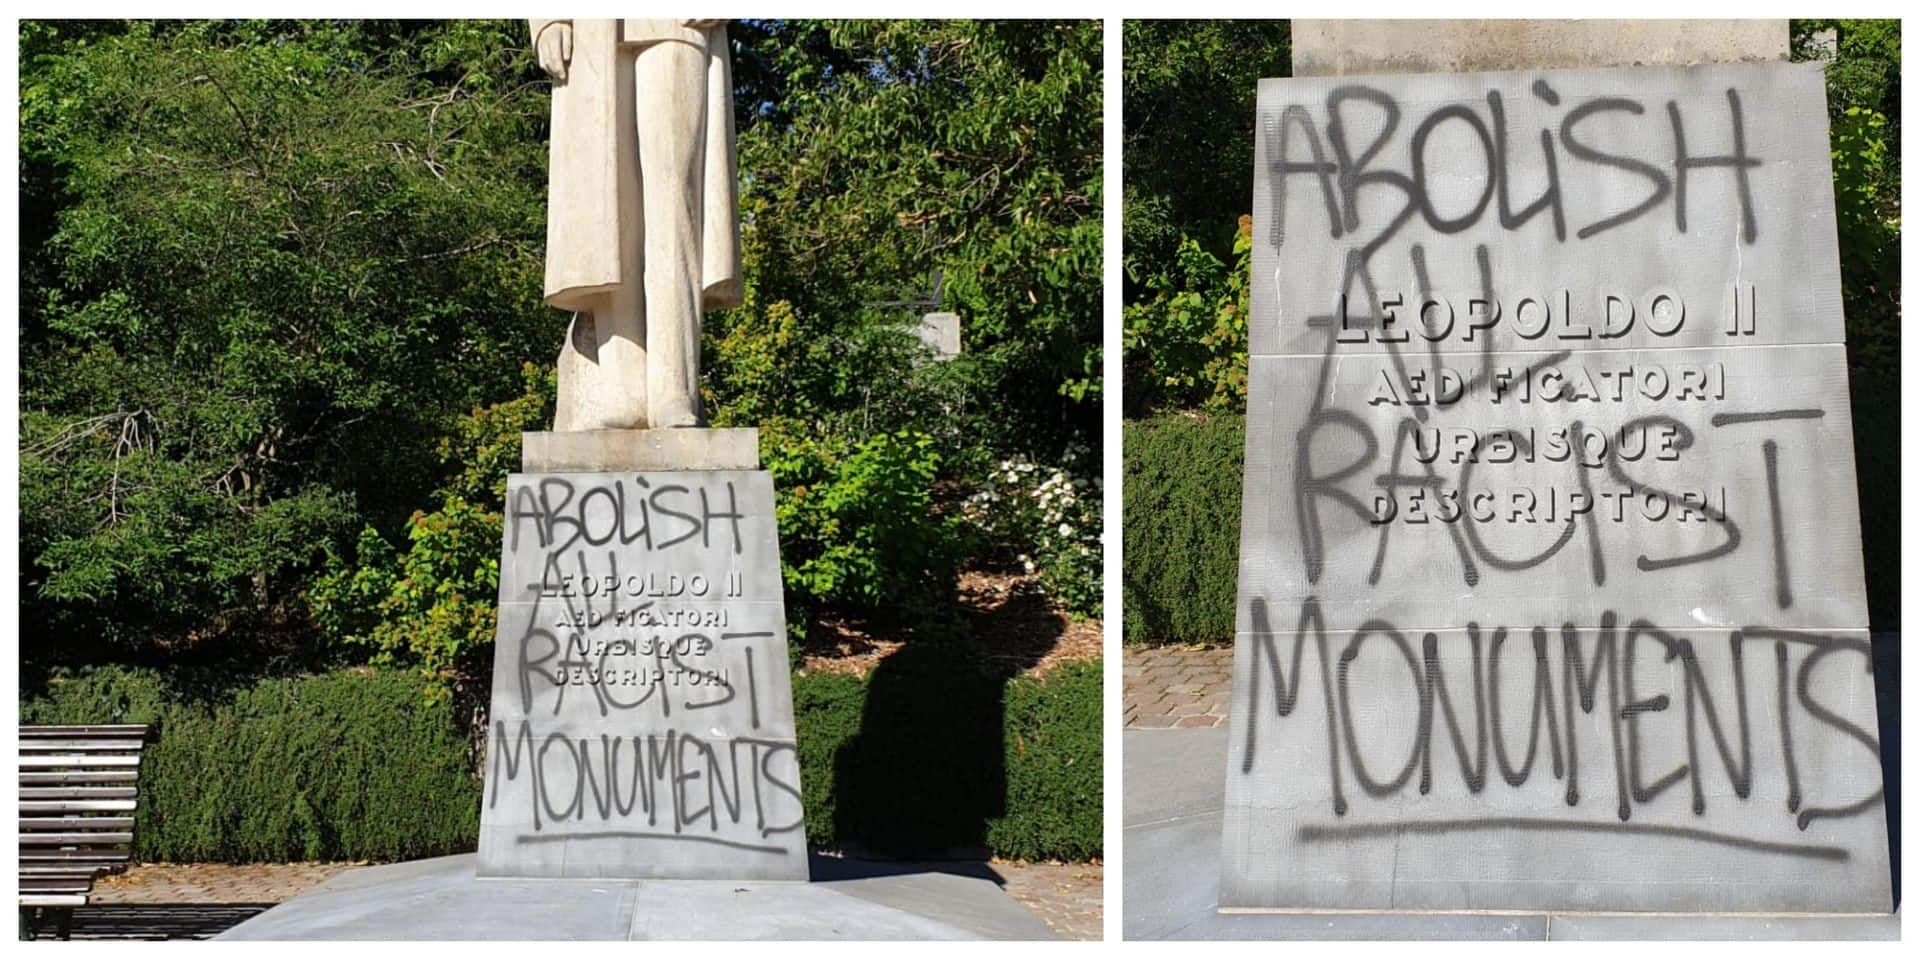 Des statues à nouveau vandalisées à Bruxelles durant le weekend